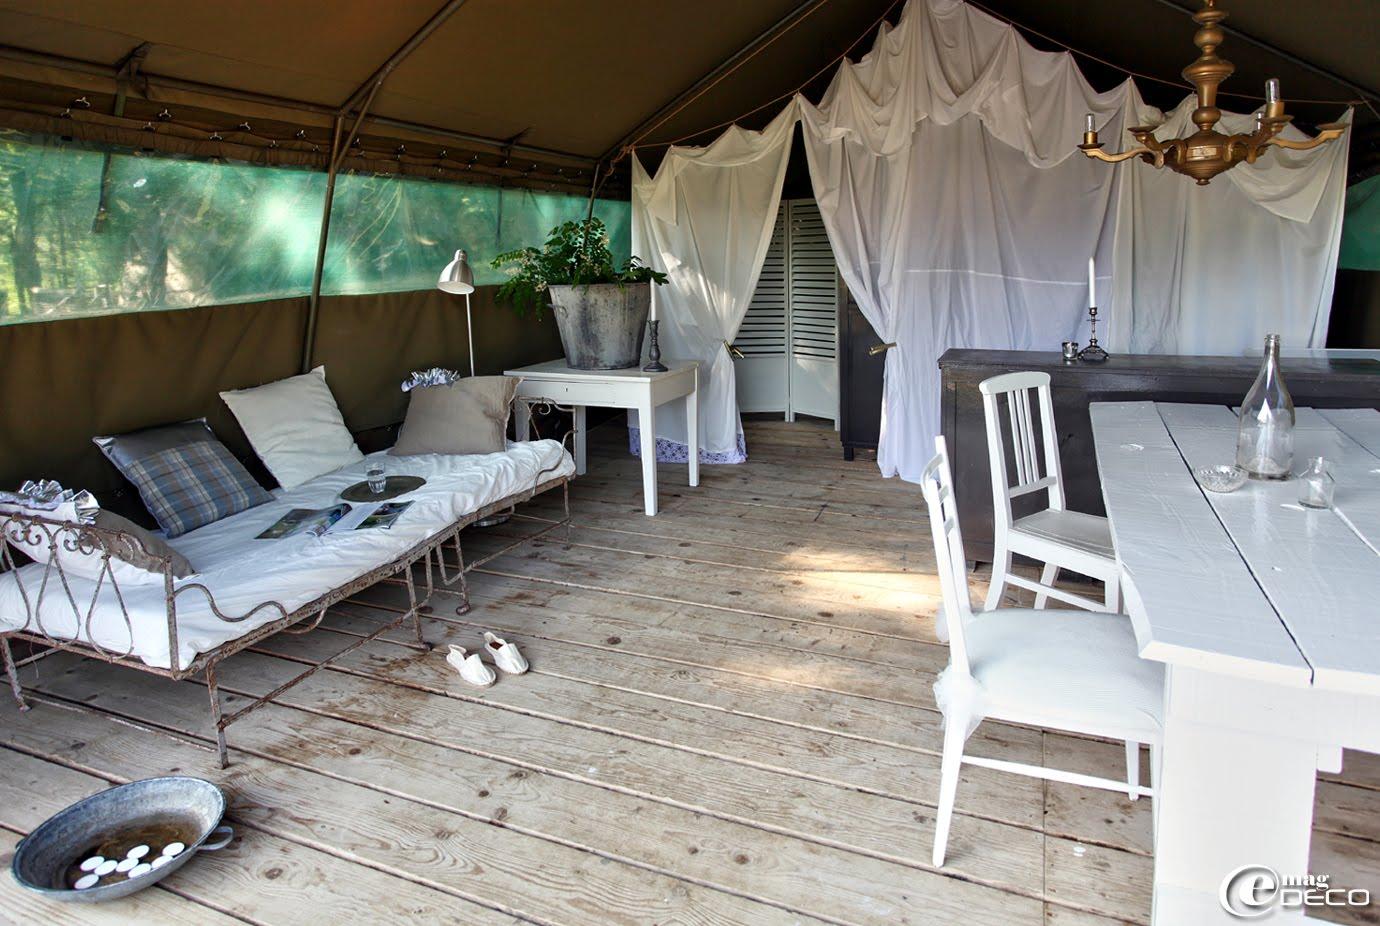 Grande tente familiale au Camping Les Ormes meublée avec du mobilier chiné